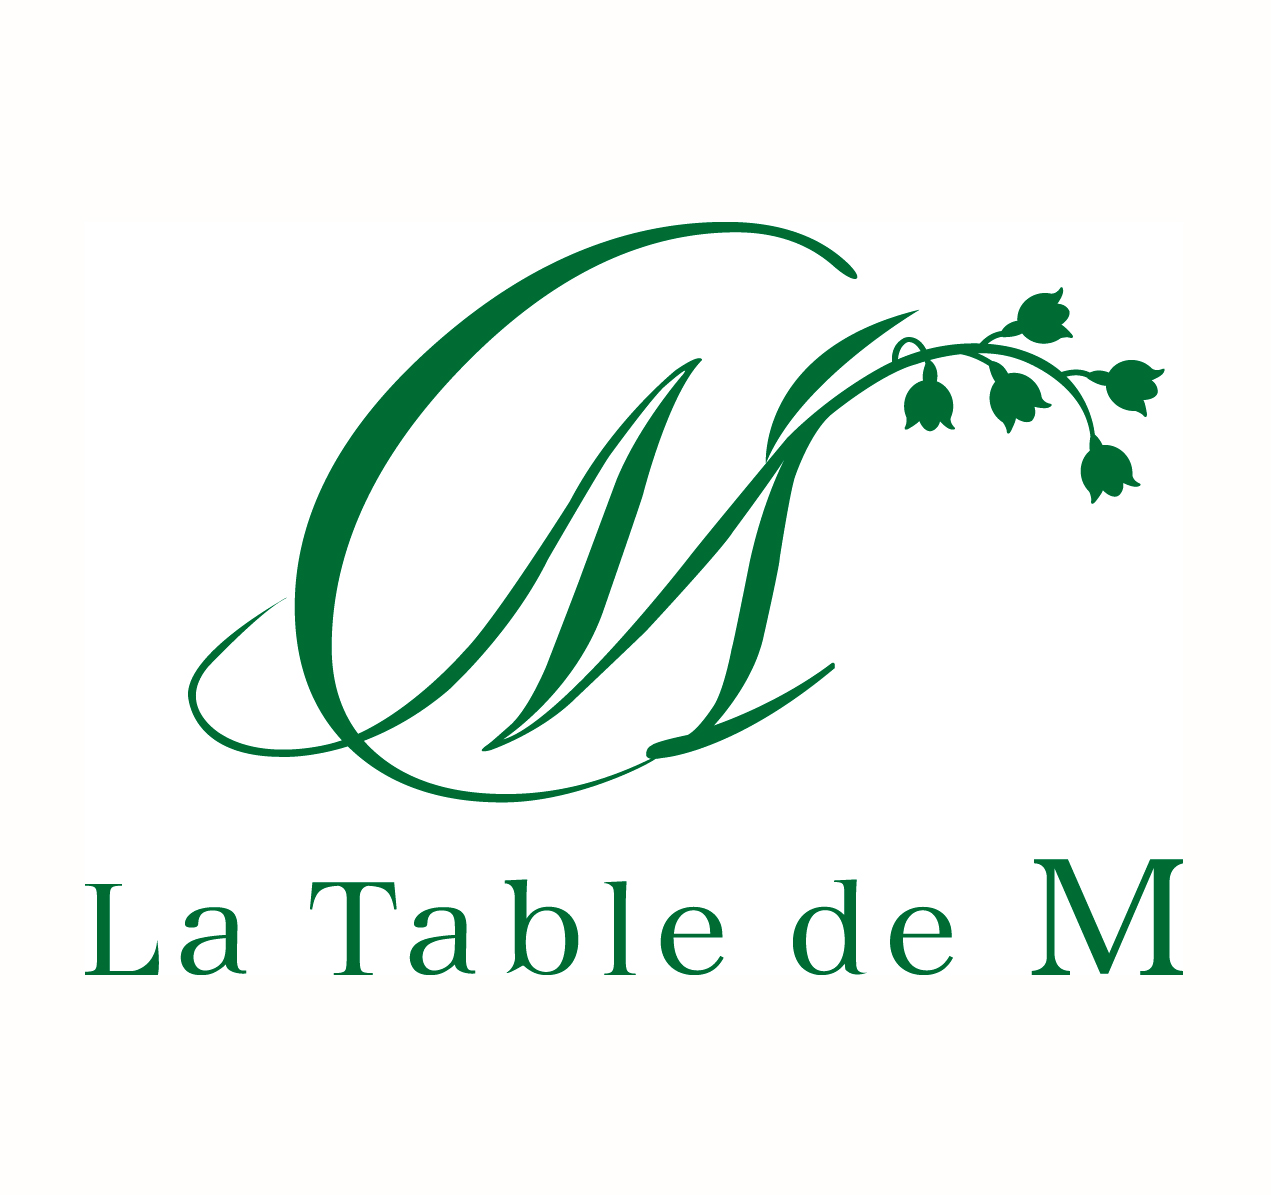 La Table de Mさん